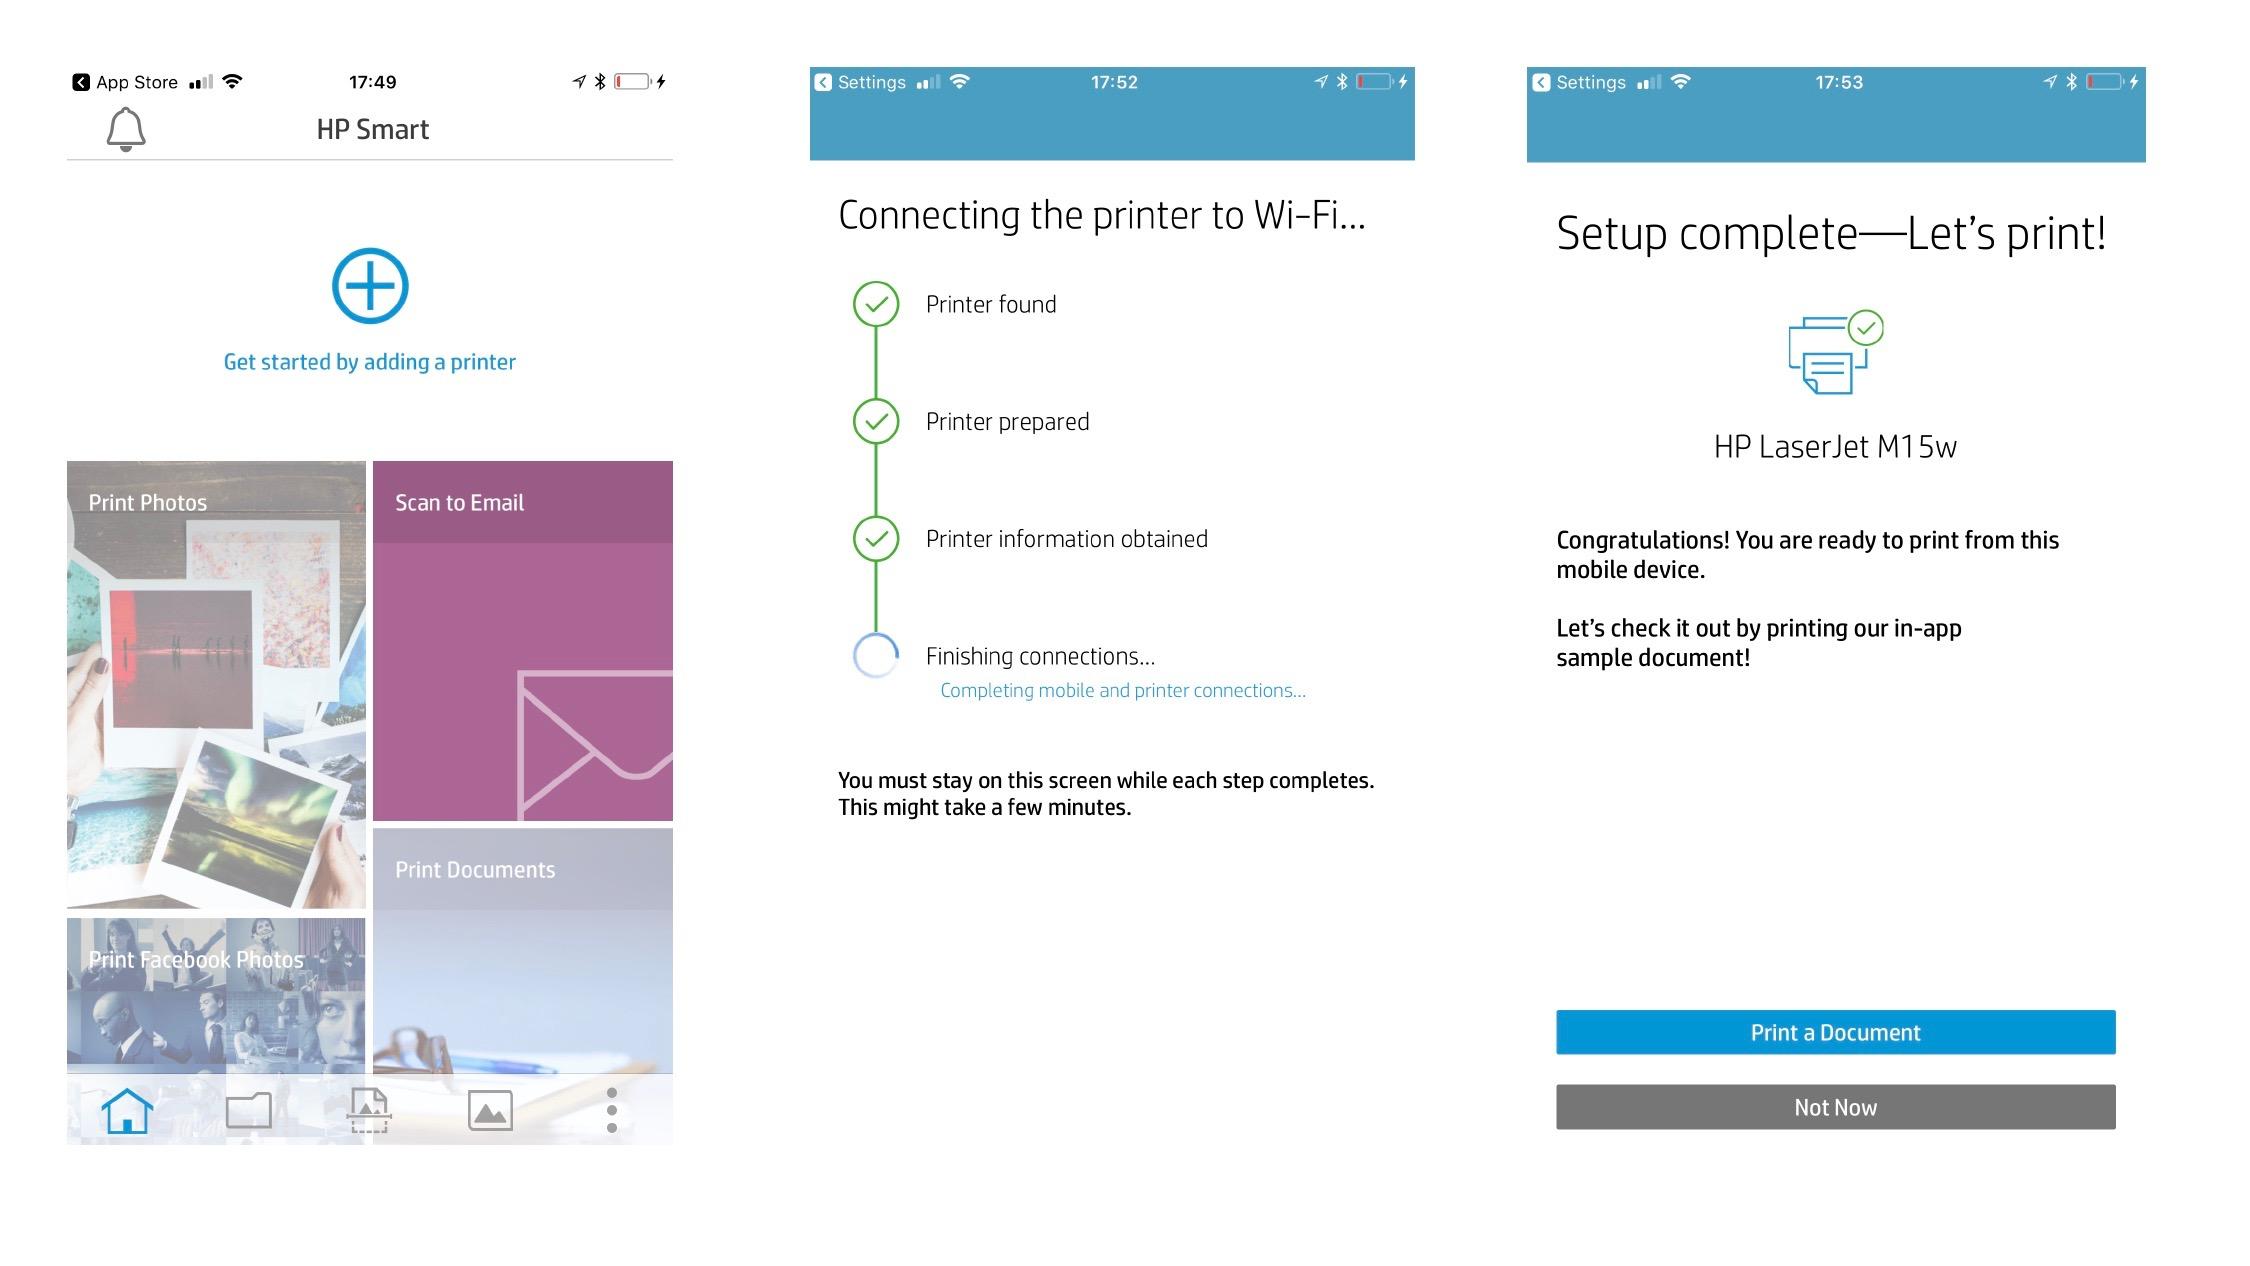 HP LaserJet Pro M15w app